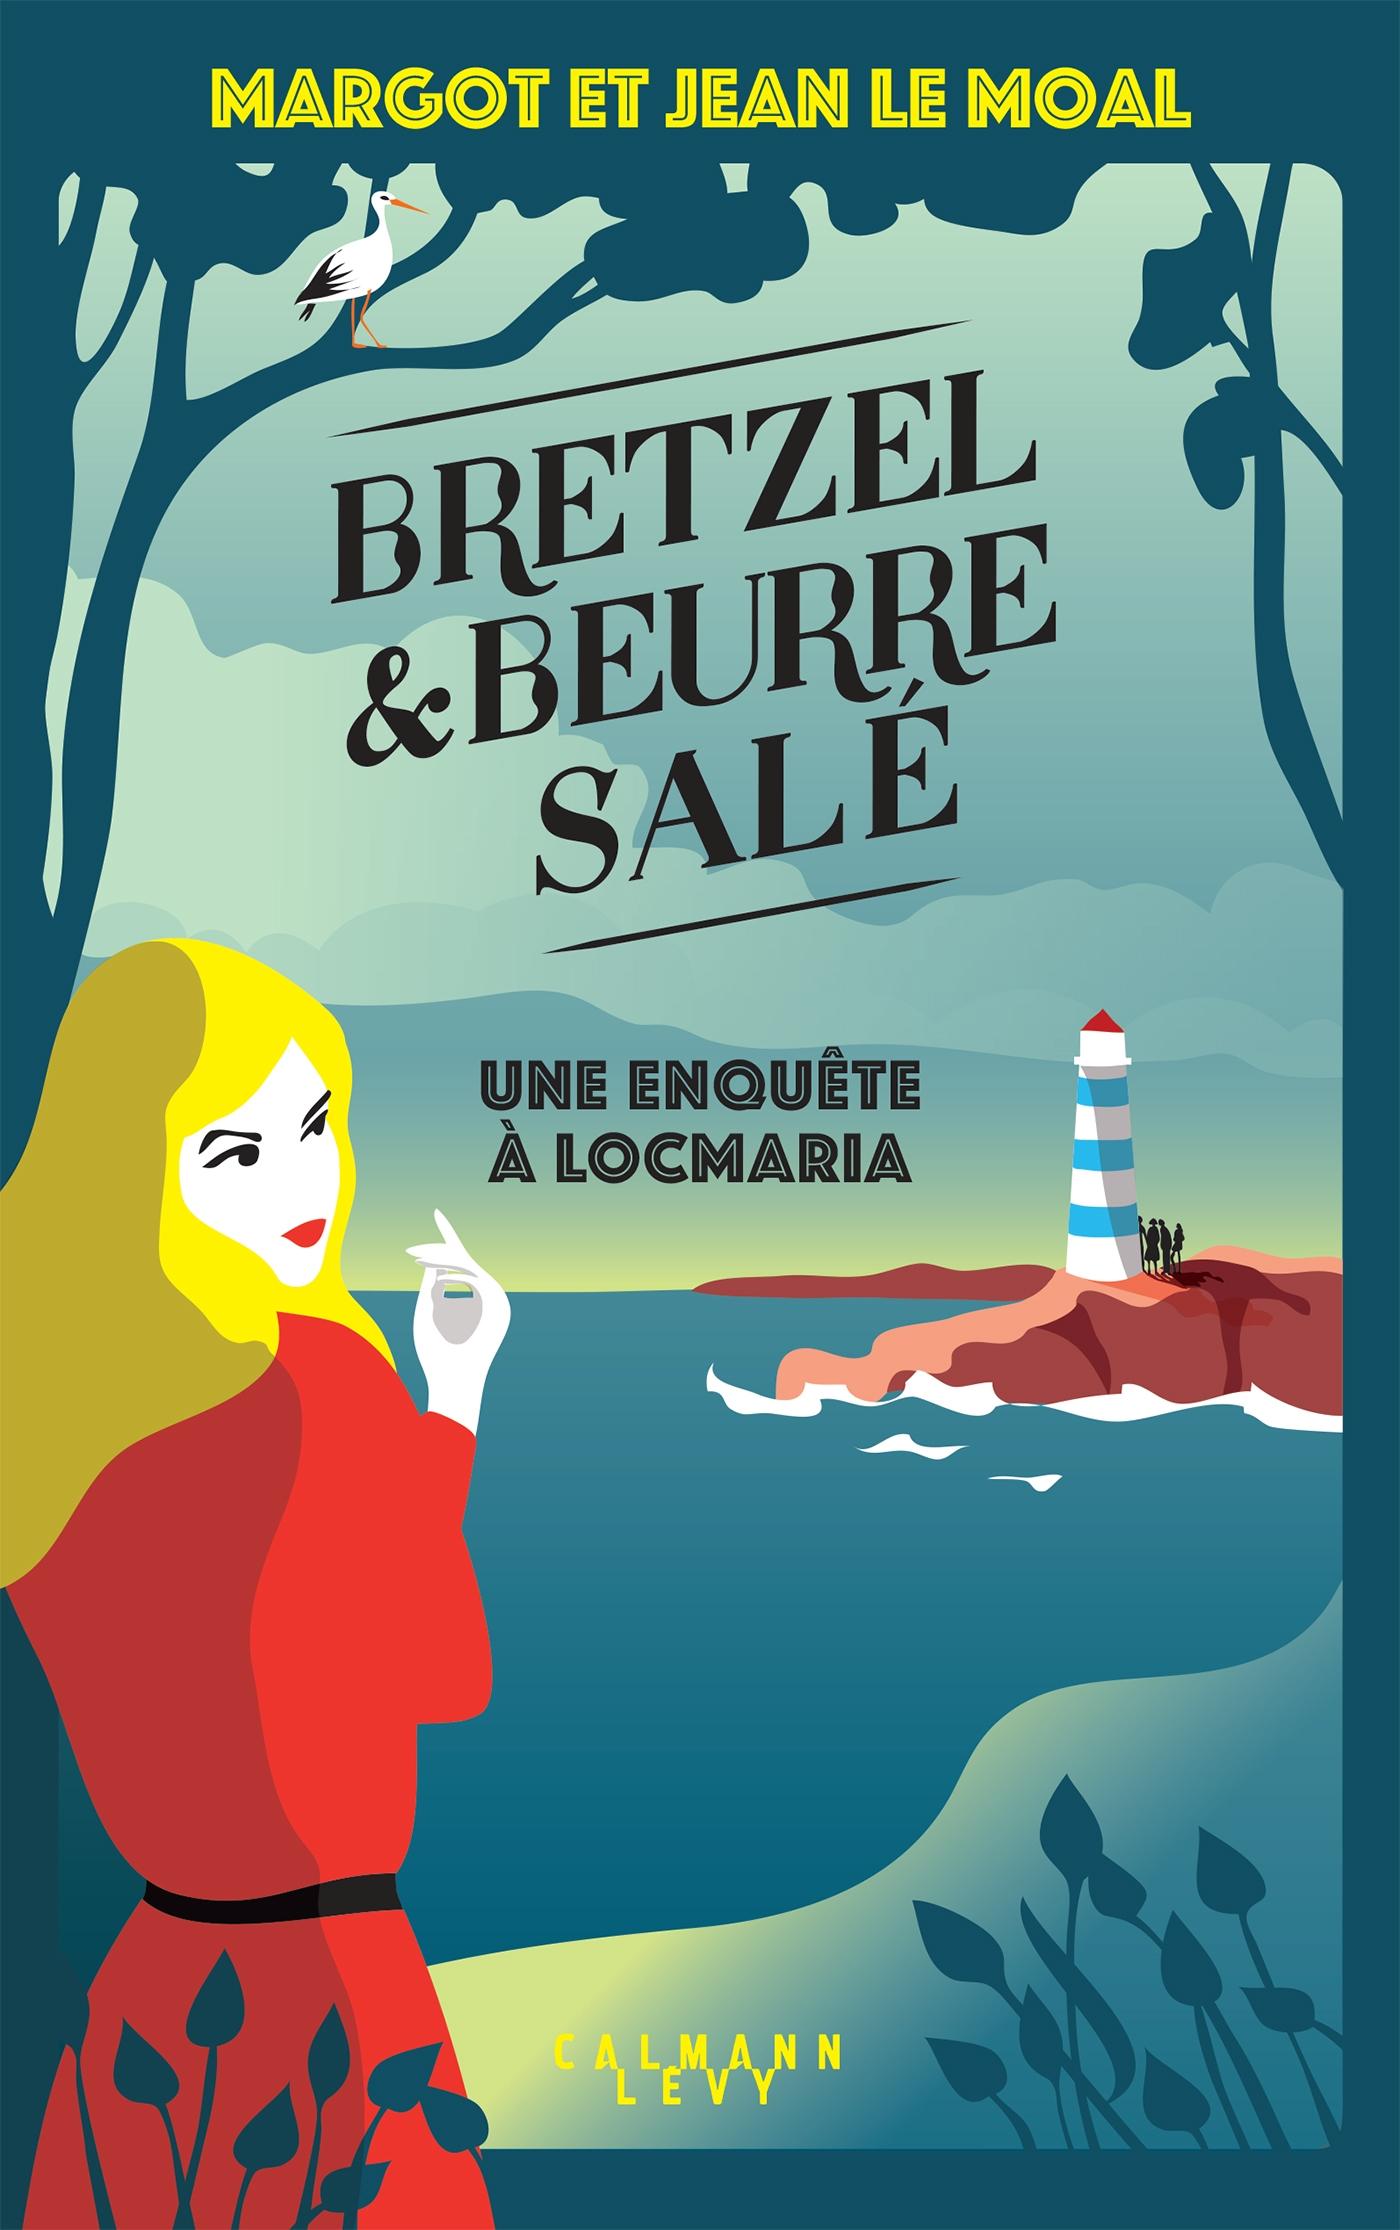 Bretzel & beurre salé | Le Moal, Margot. Auteur